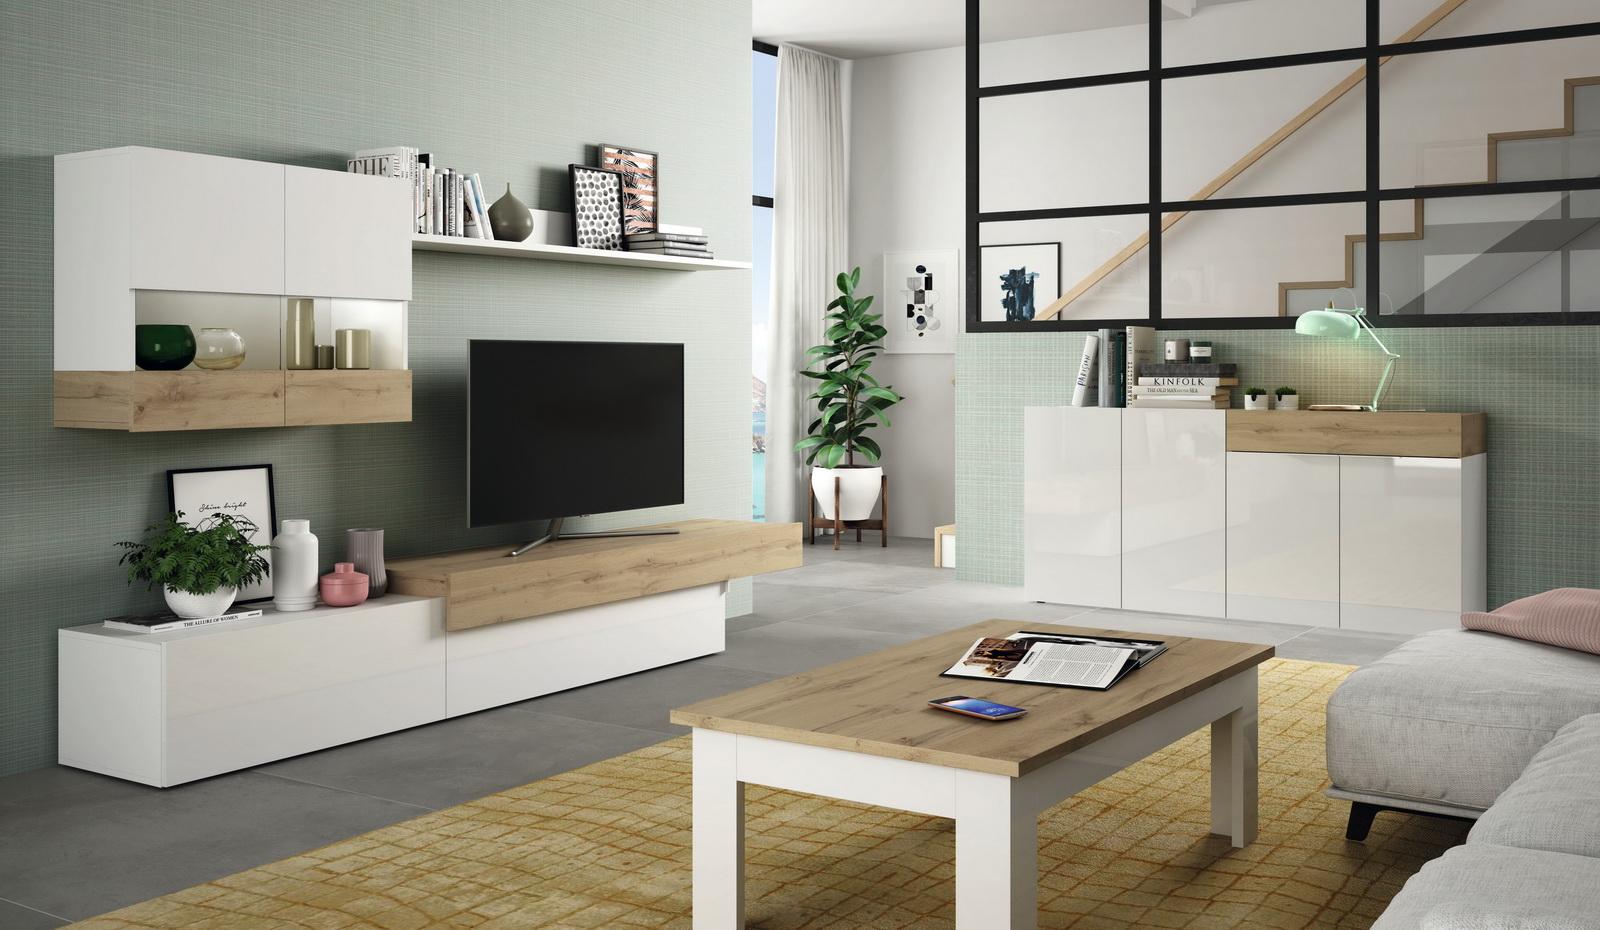 achat ensemble salon meuble tv aura 205plus compose de 9 elements ramis mobilier interieur